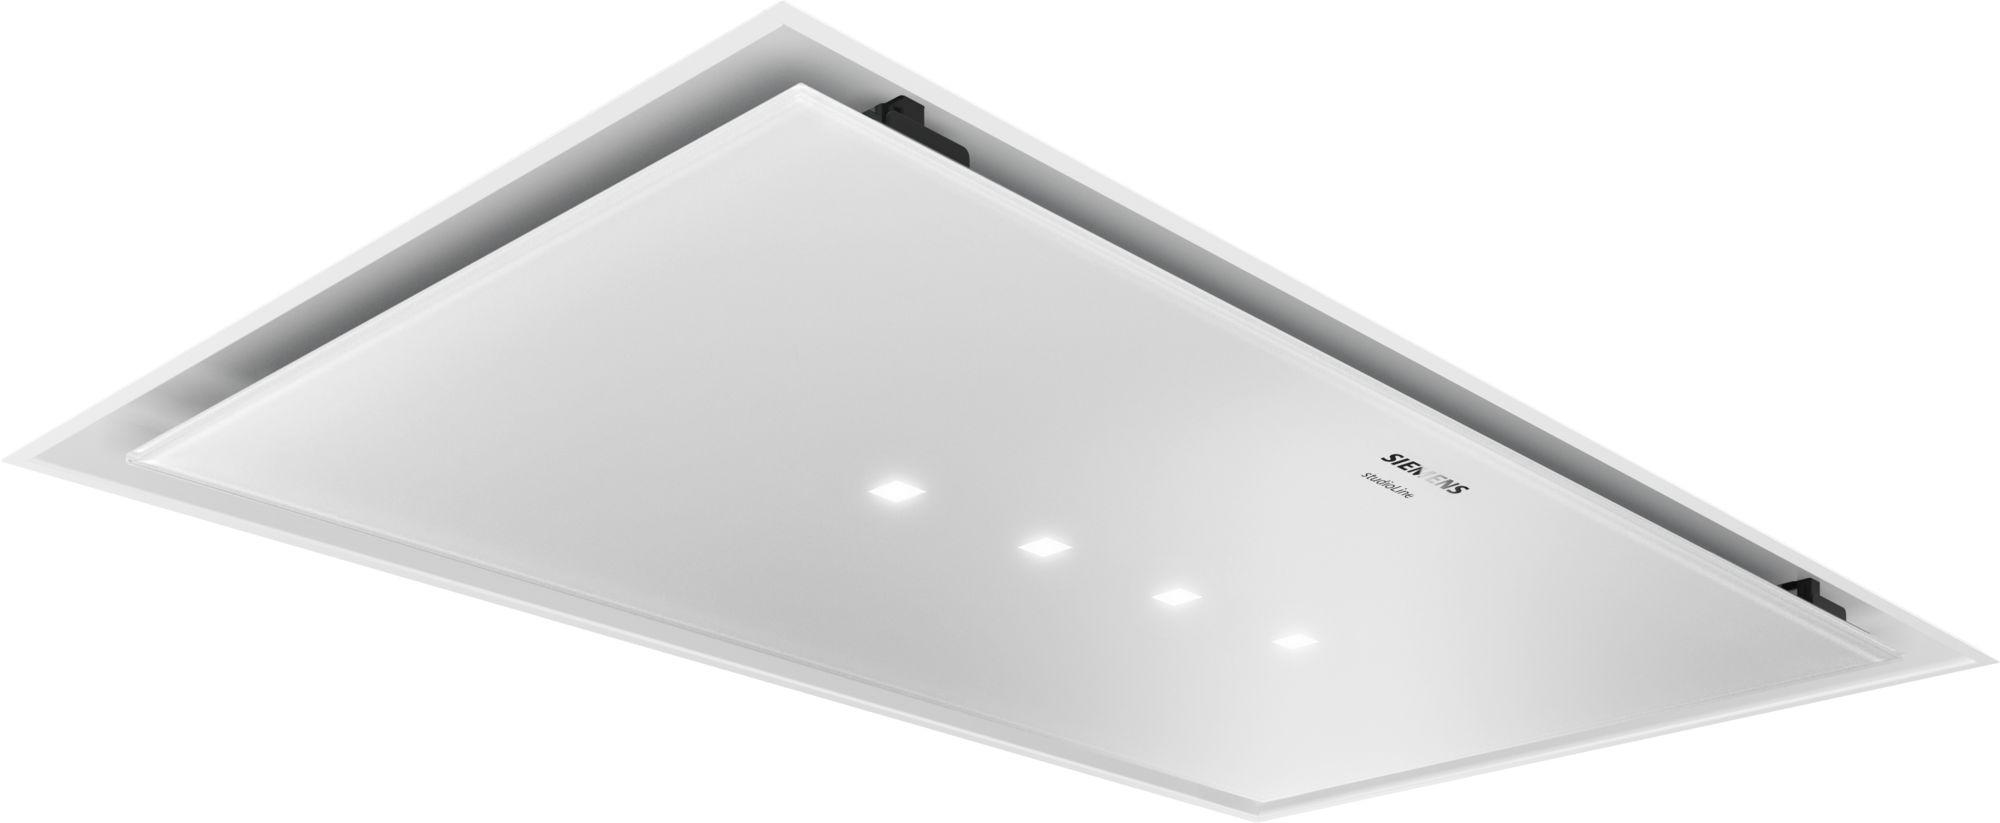 Siemens LR97CBS25 Deckenhaube Weiß